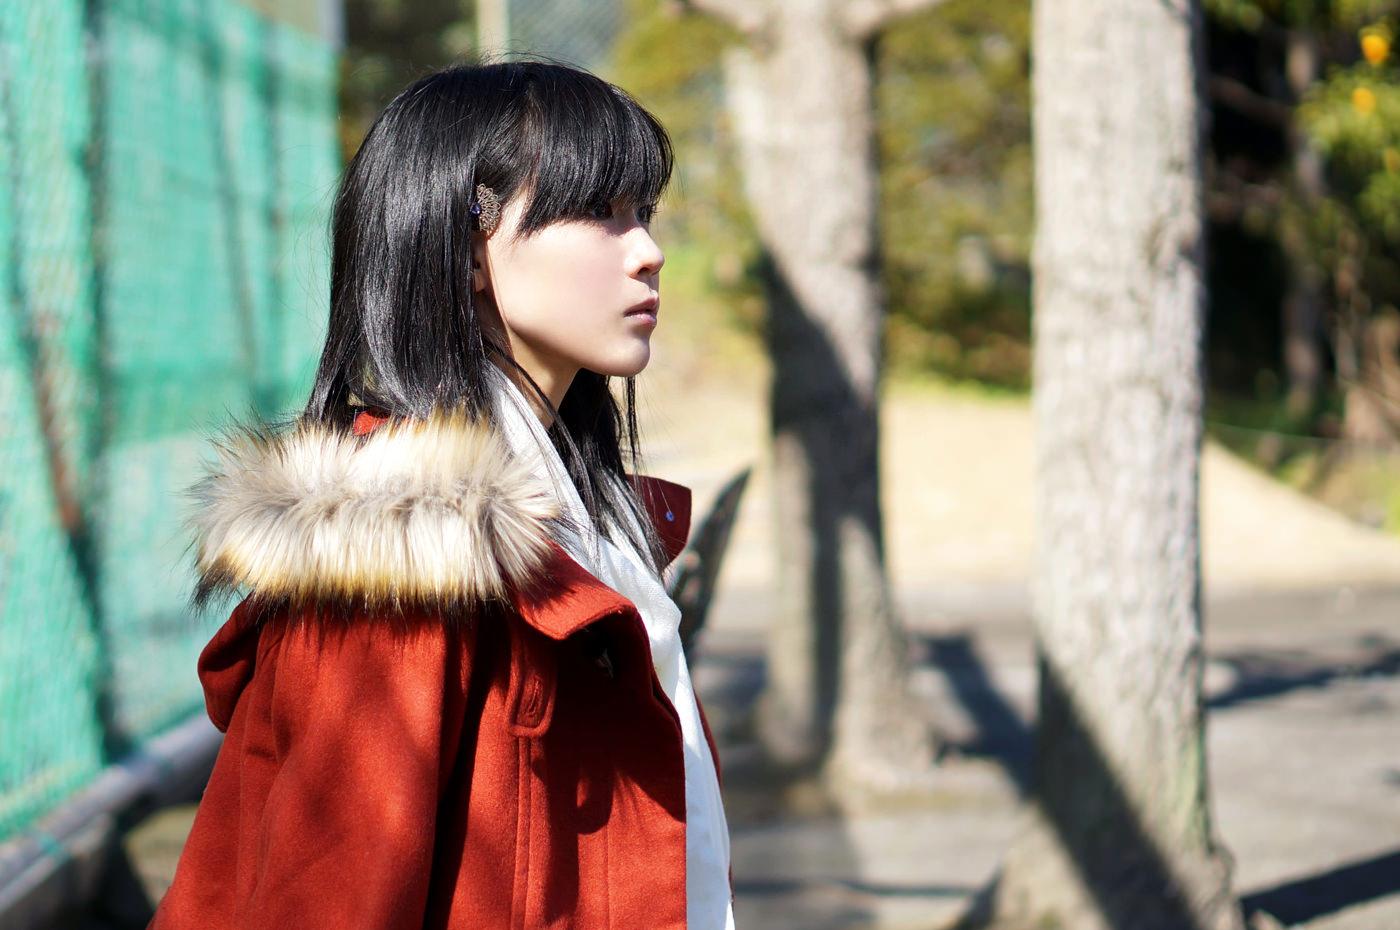 siroyamakouen_girl2